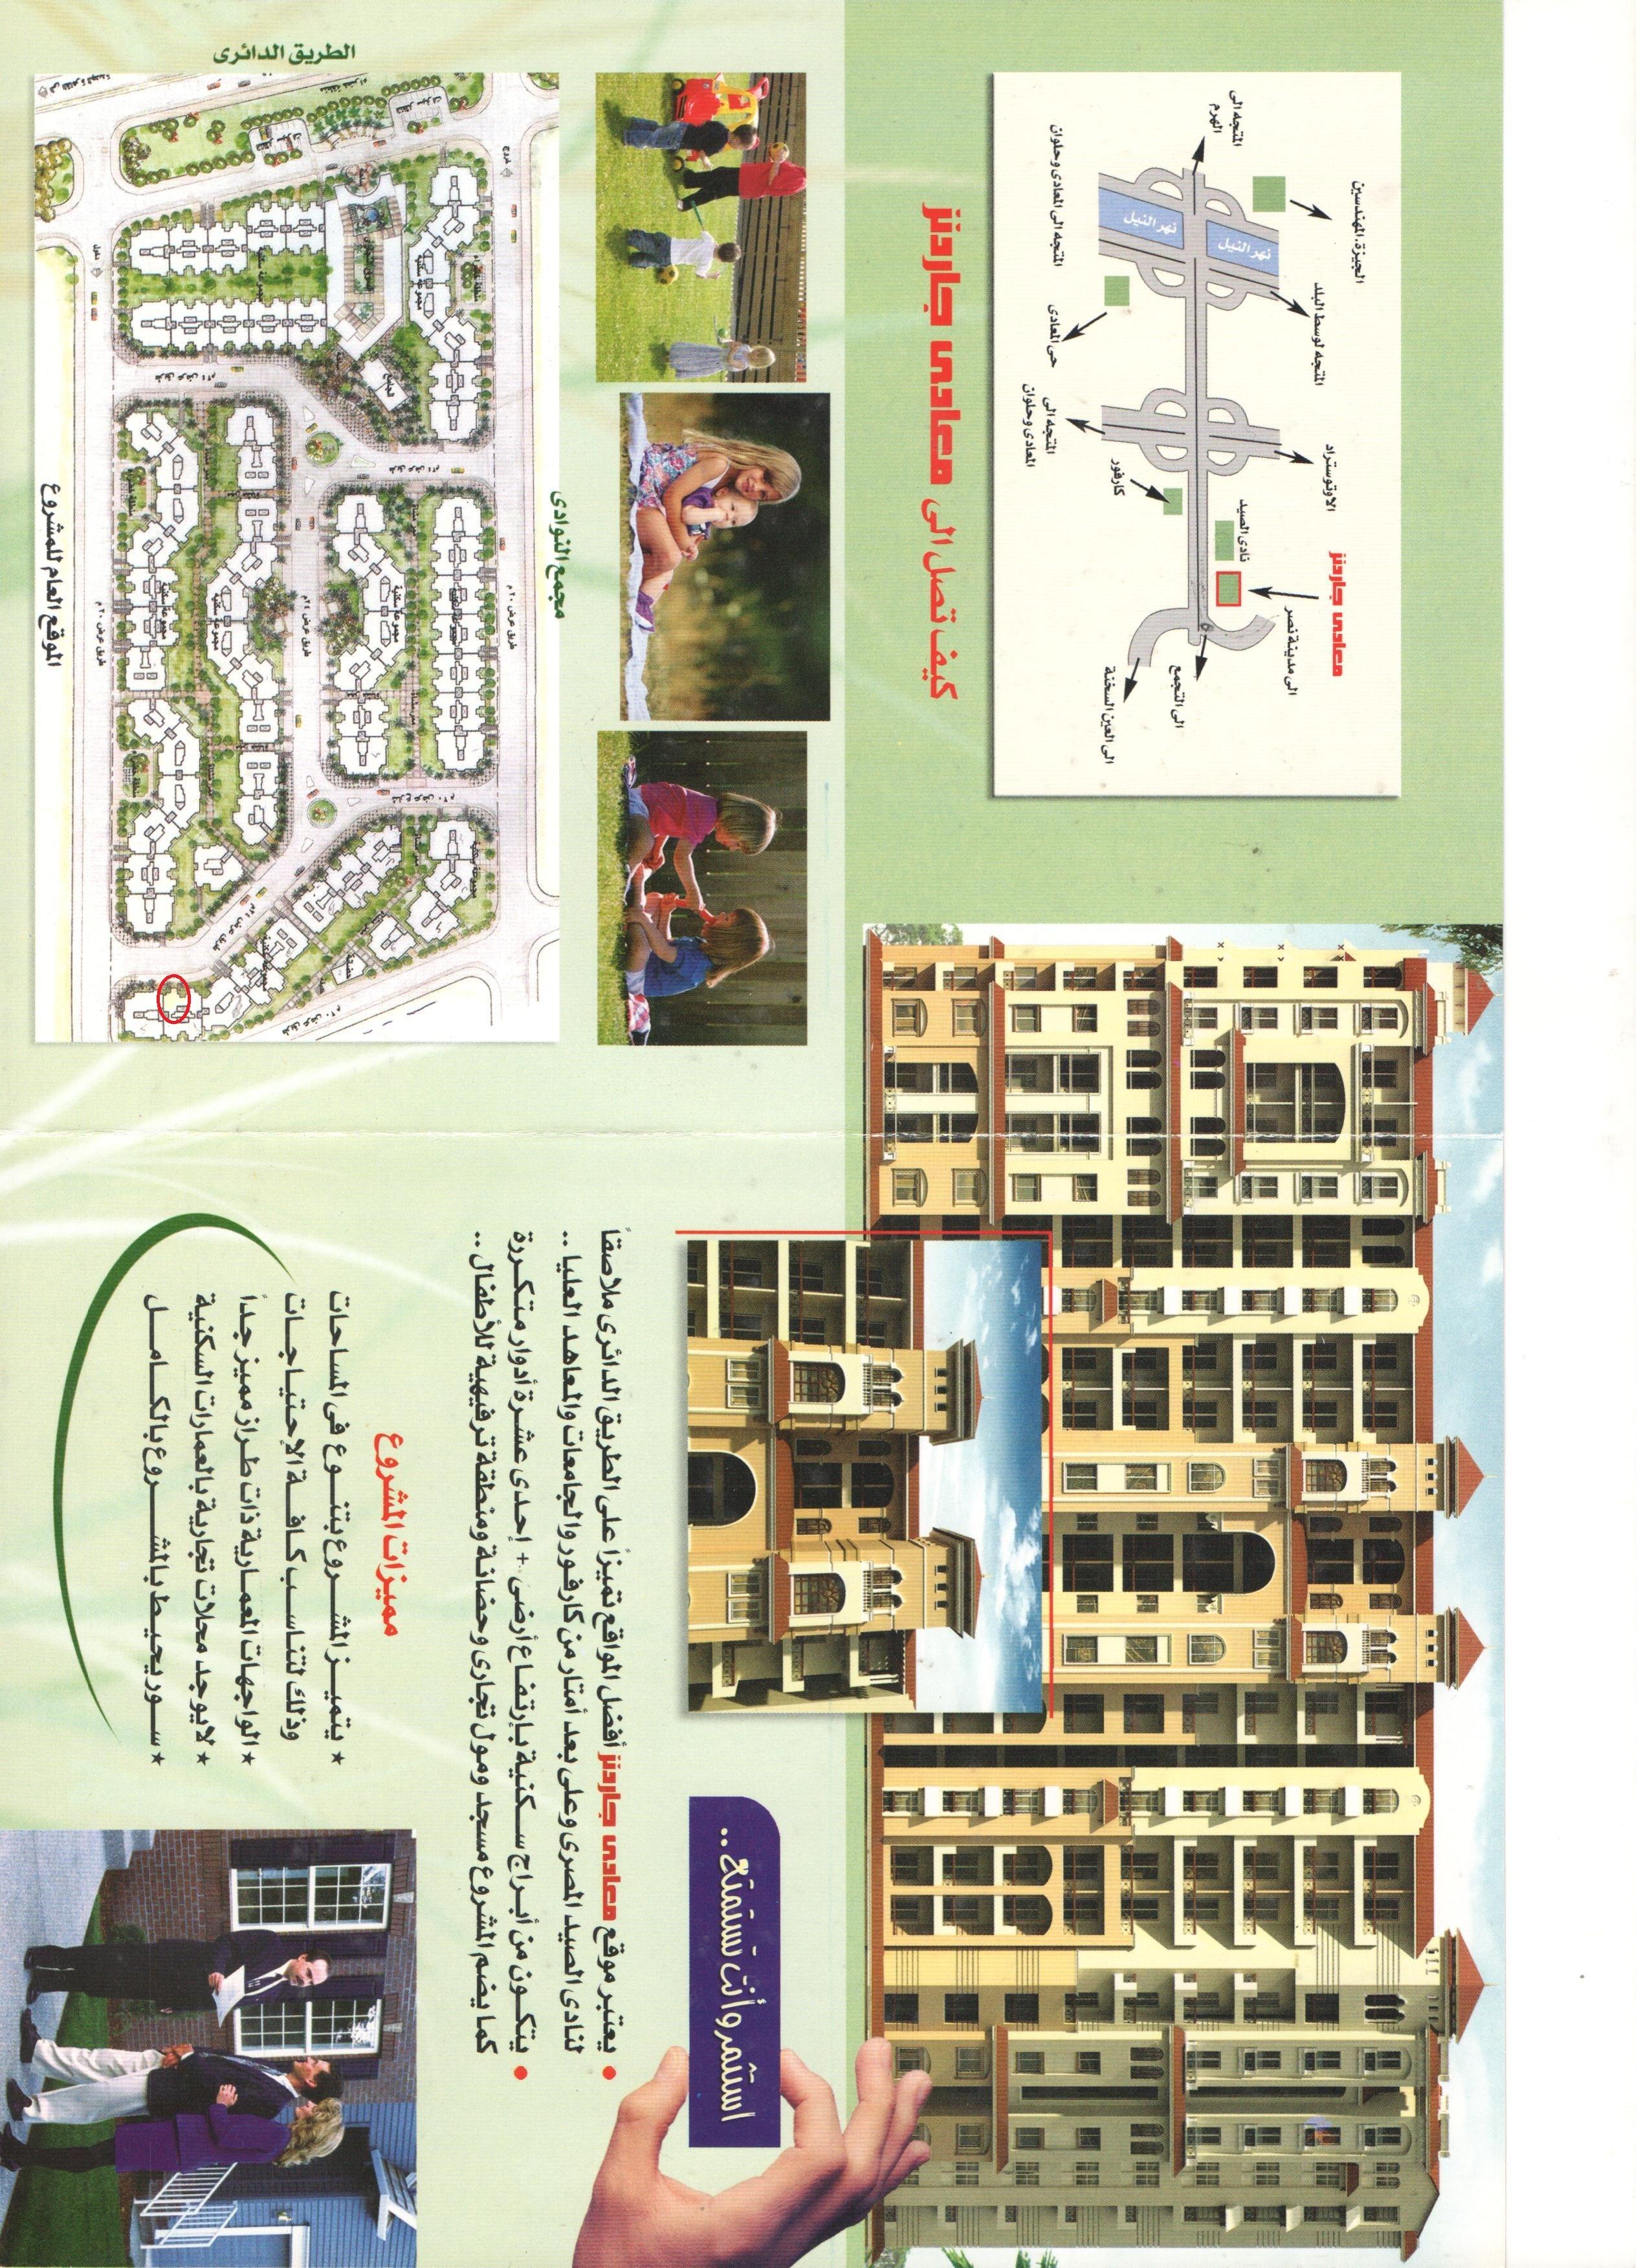 شقة سكنية للبيع بموقع متميزnaproxen mylan naproxen nsaid naproxen fk